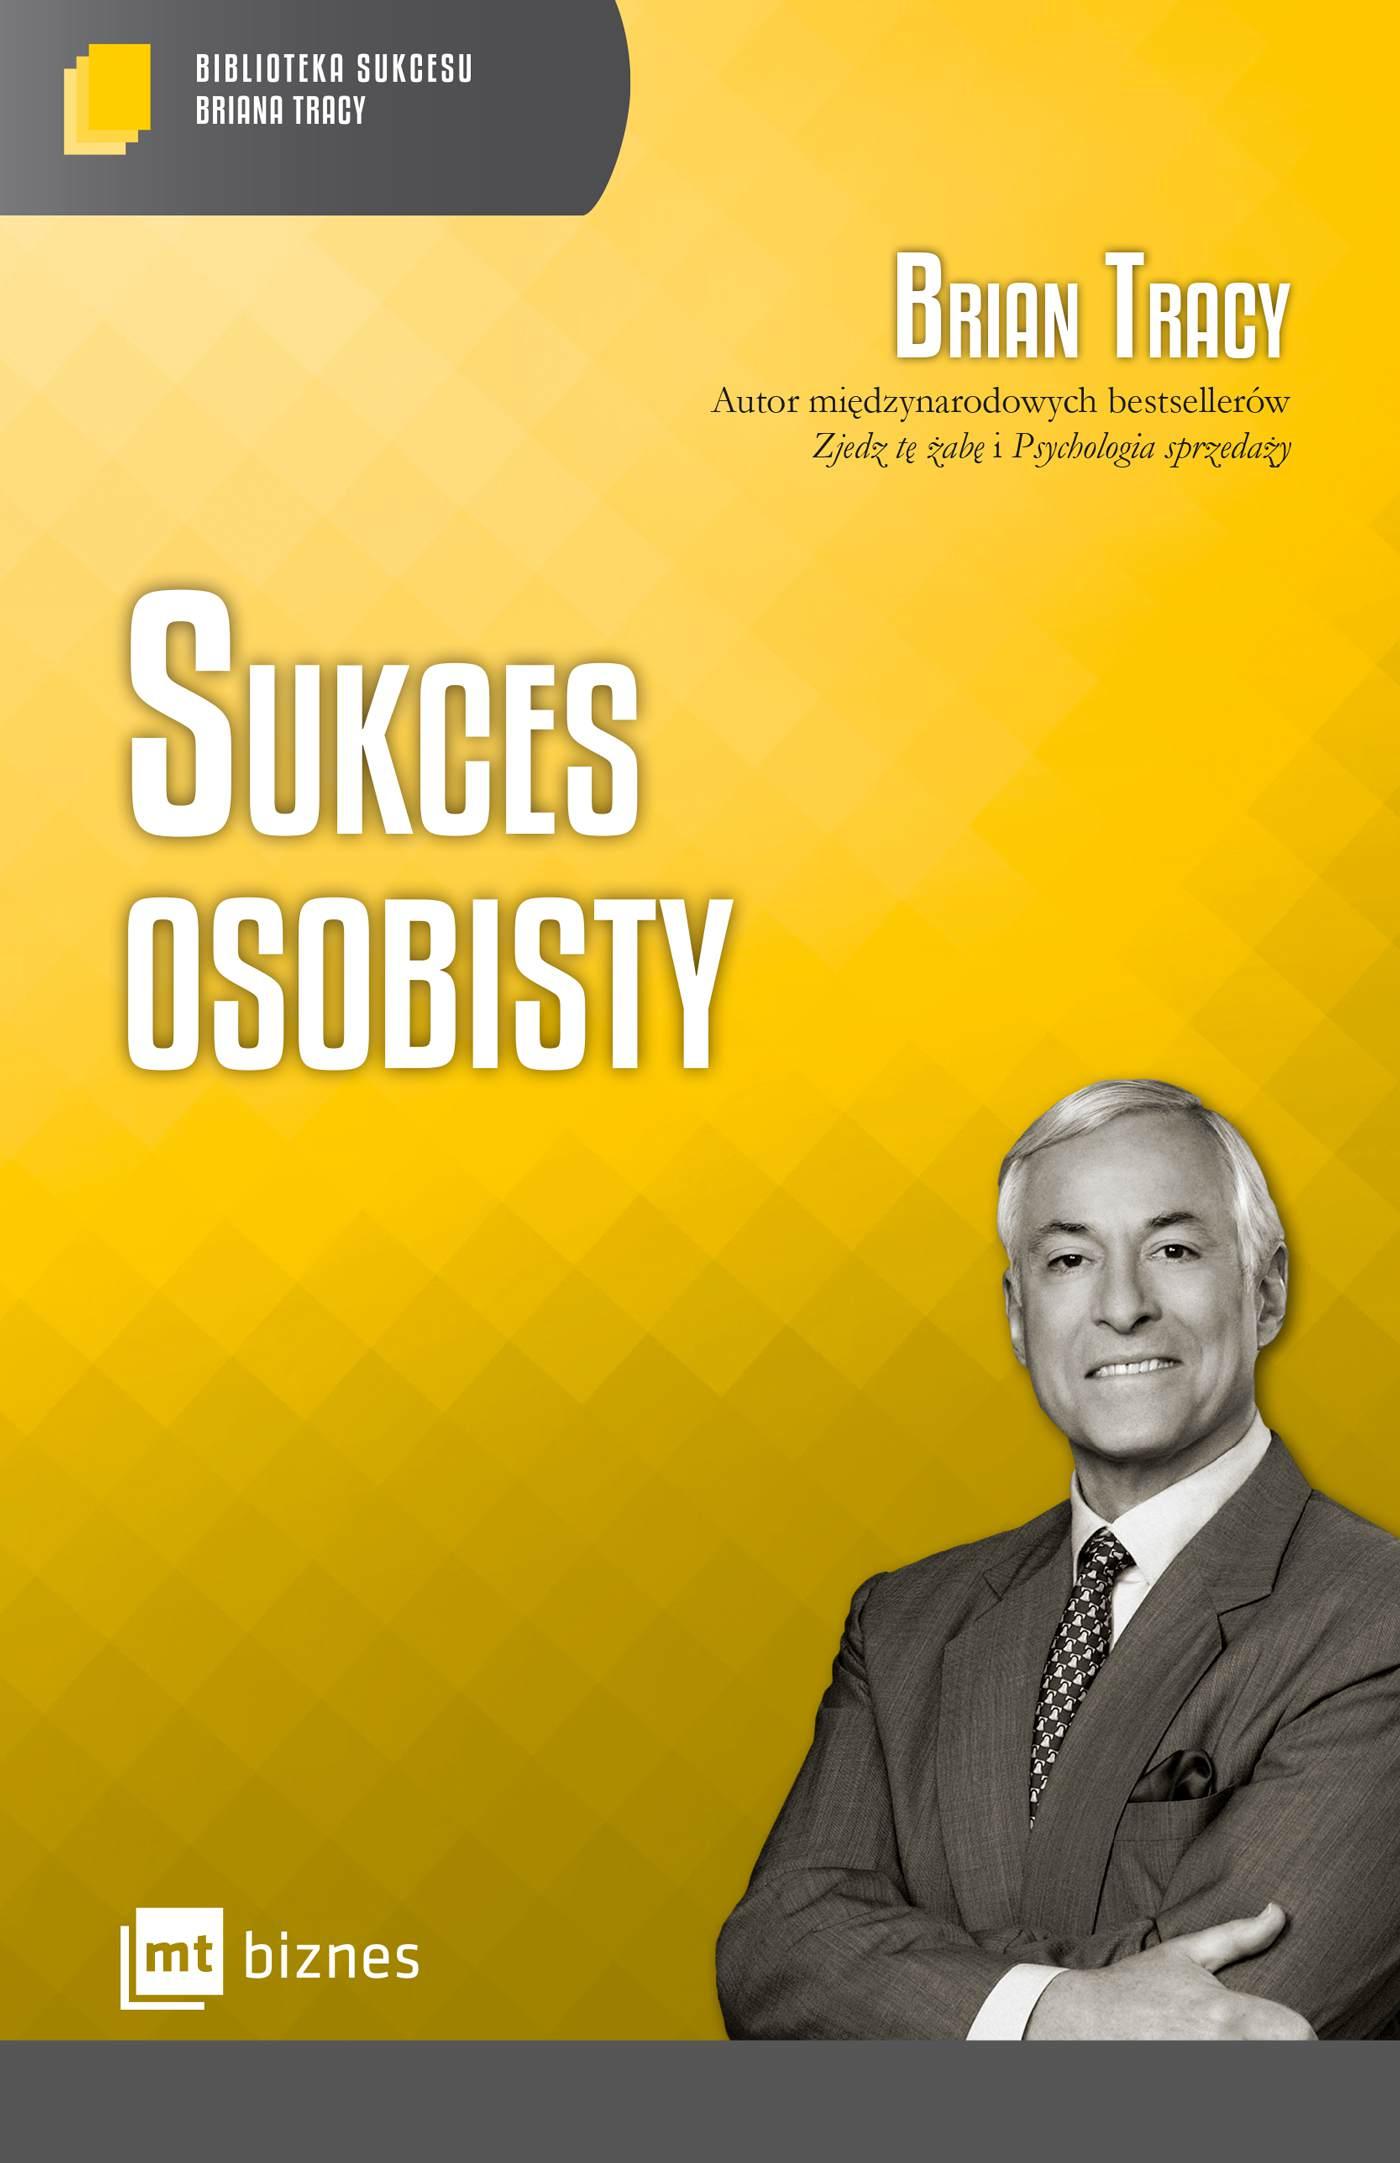 Sukces osobisty Biblioteka Sukcesu Briana Tracy - Ebook (Książka EPUB) do pobrania w formacie EPUB